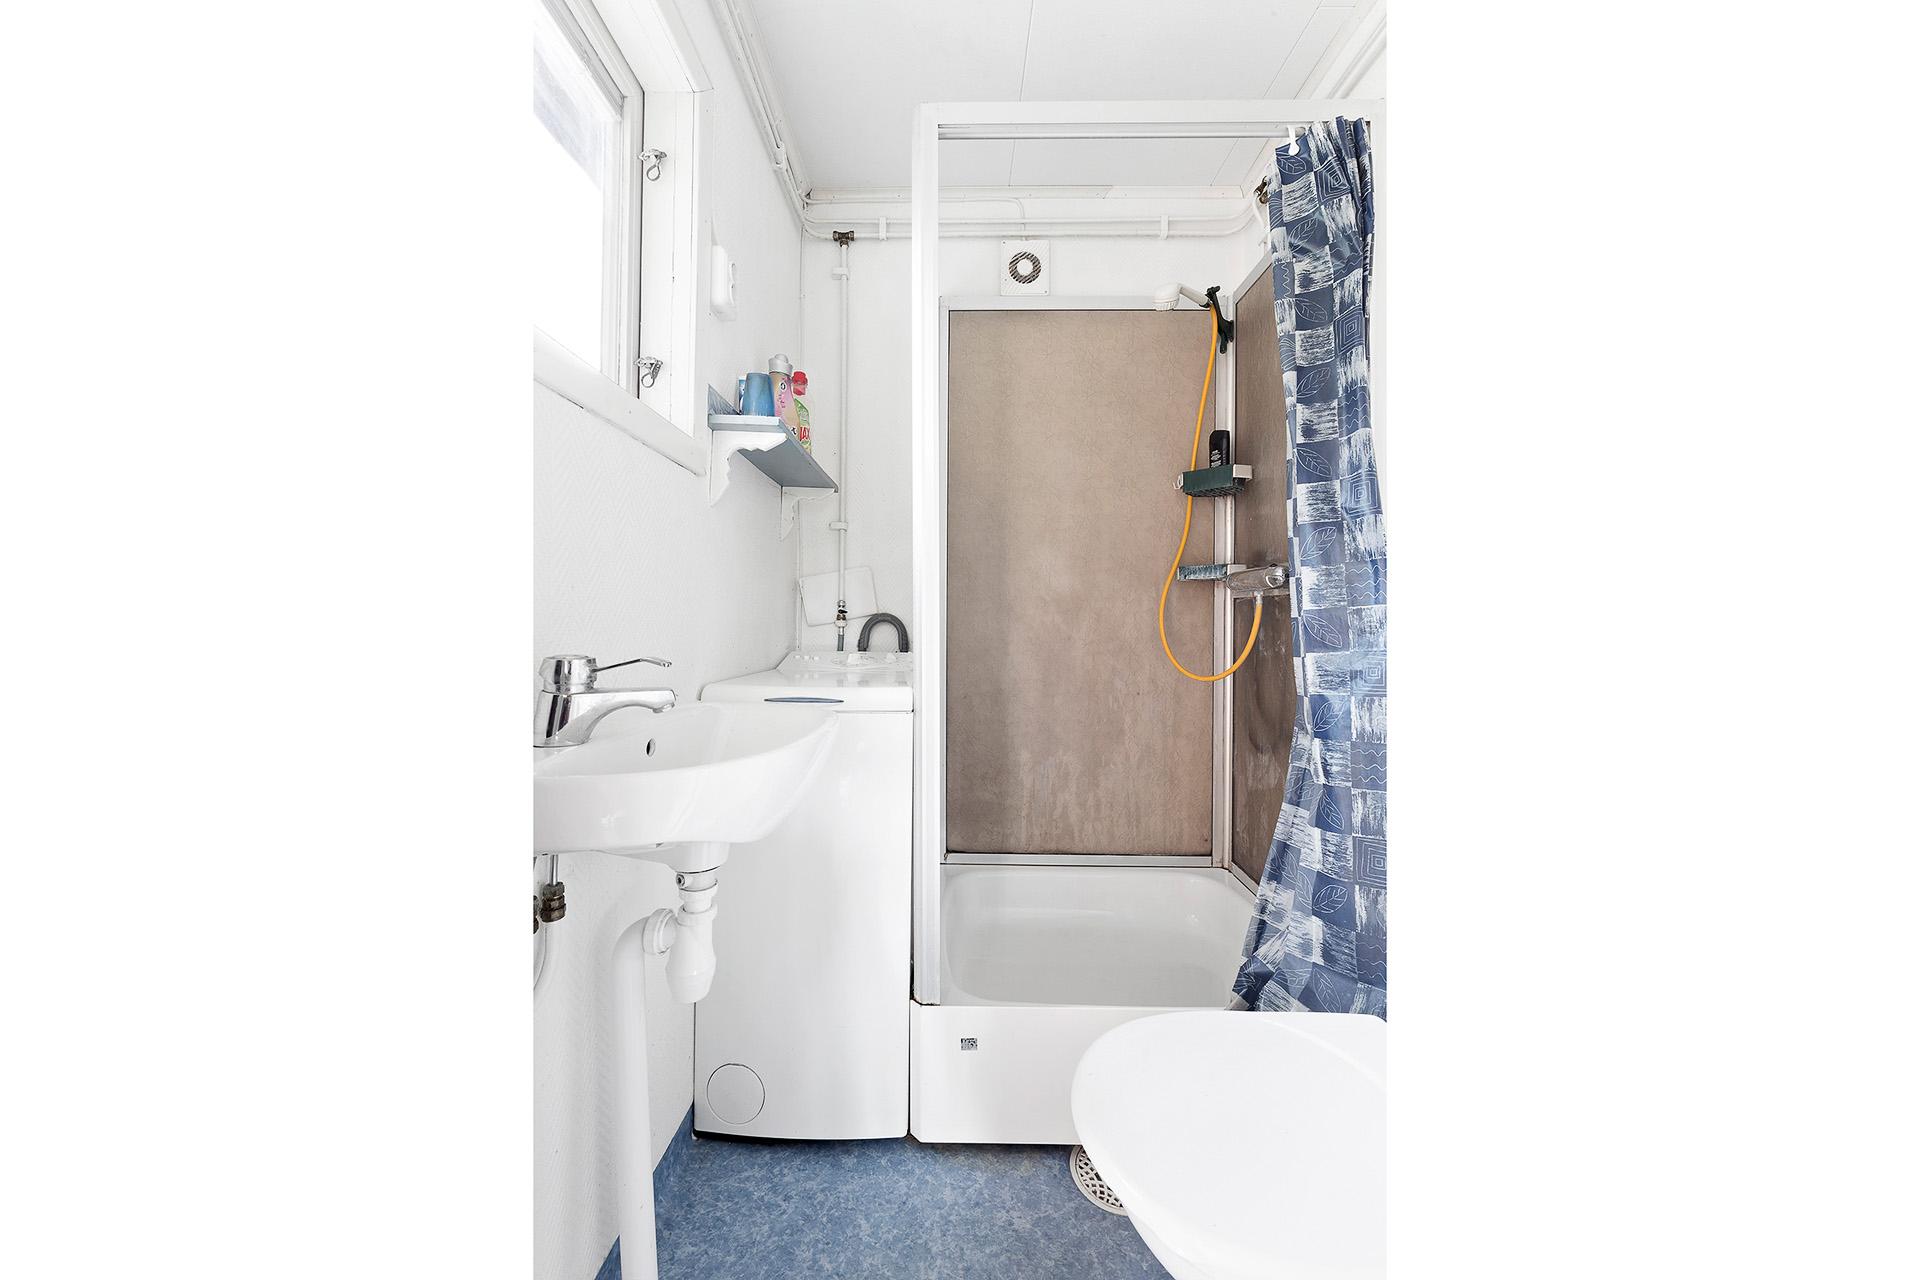 Dusch/WC/tvättutrymme, gästhus